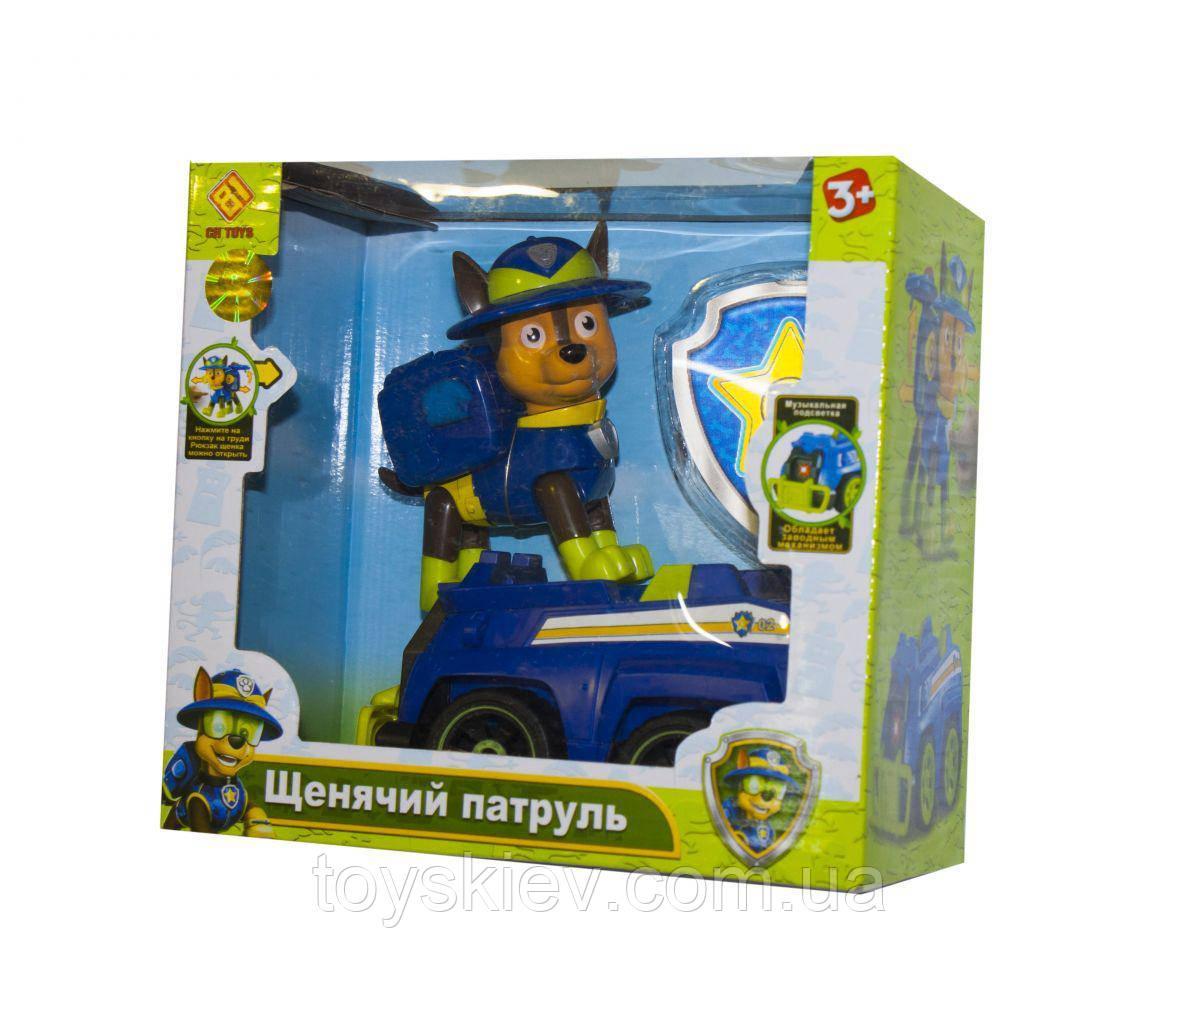 Герой с машиной Щенячий патруль синий Гонщик, звук, свет, значек, лапки подвижные, CH-701 G